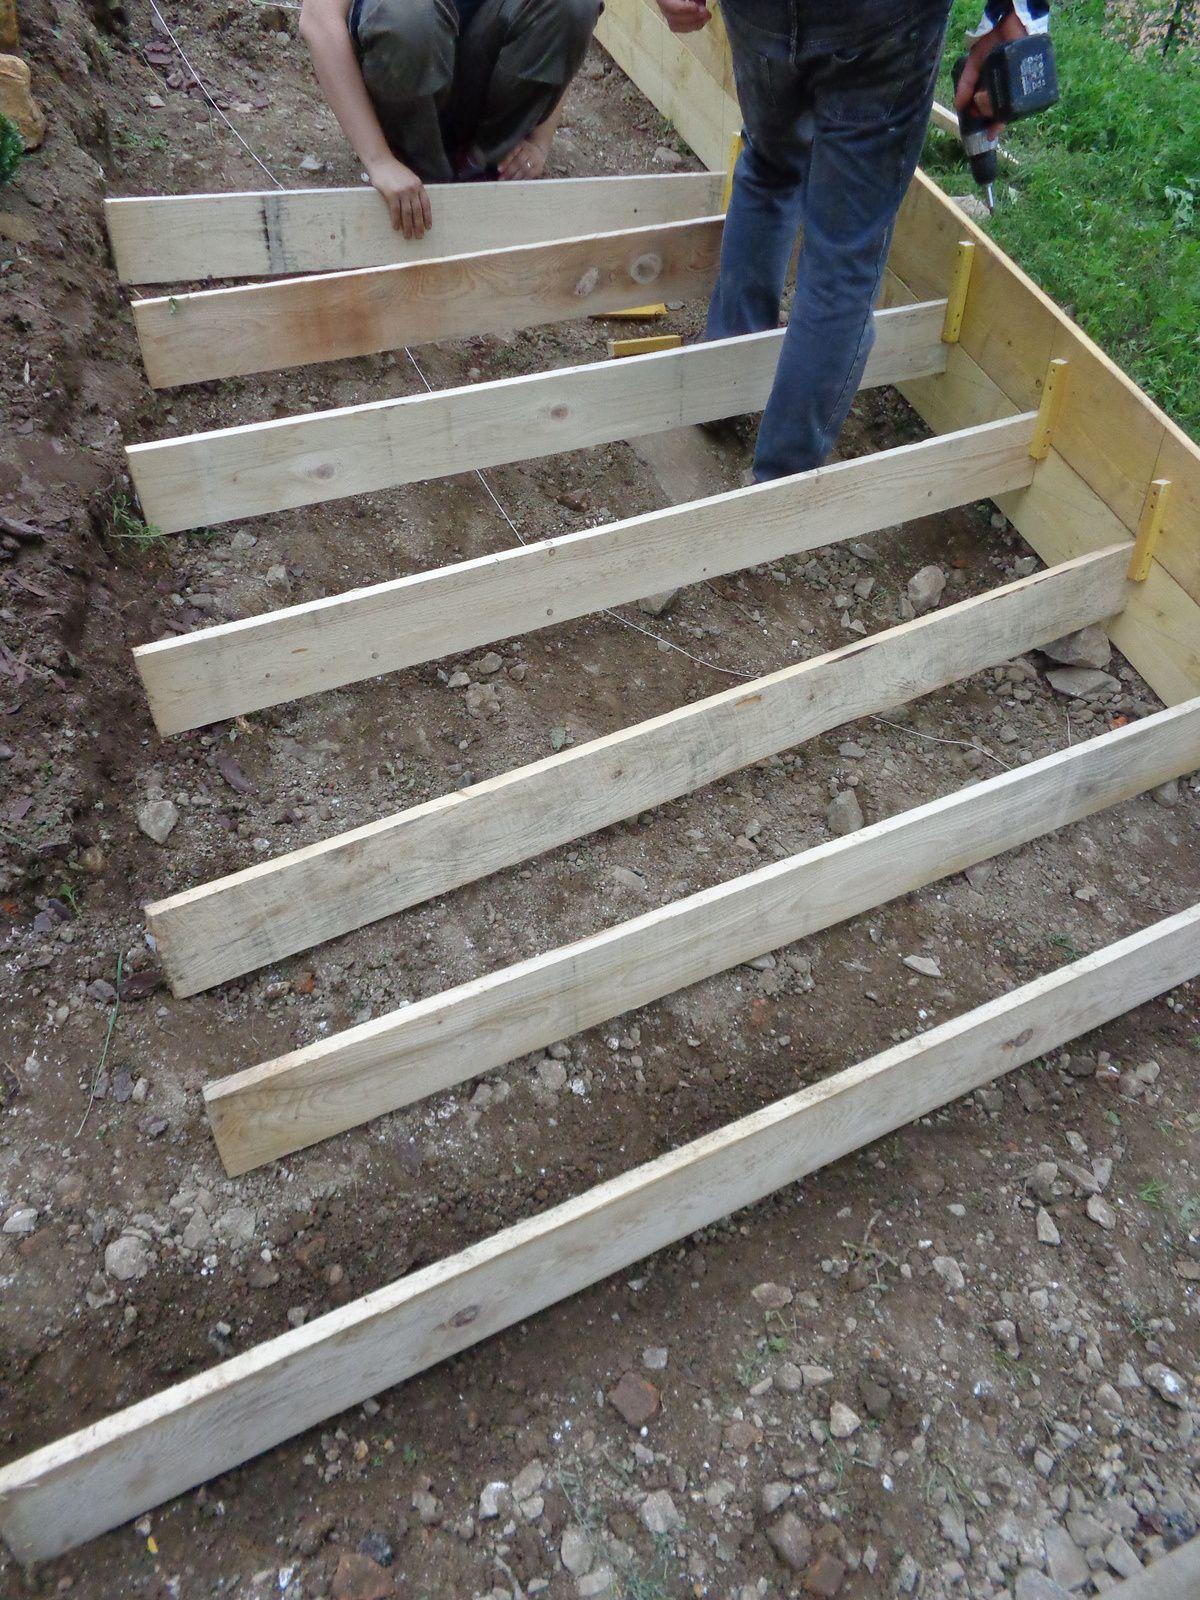 Exterieurs Escalier Renovation D Une Maison Du Beaujolais Escalier De Jardin Escalier Exterieur Beton Escalier Exterieur